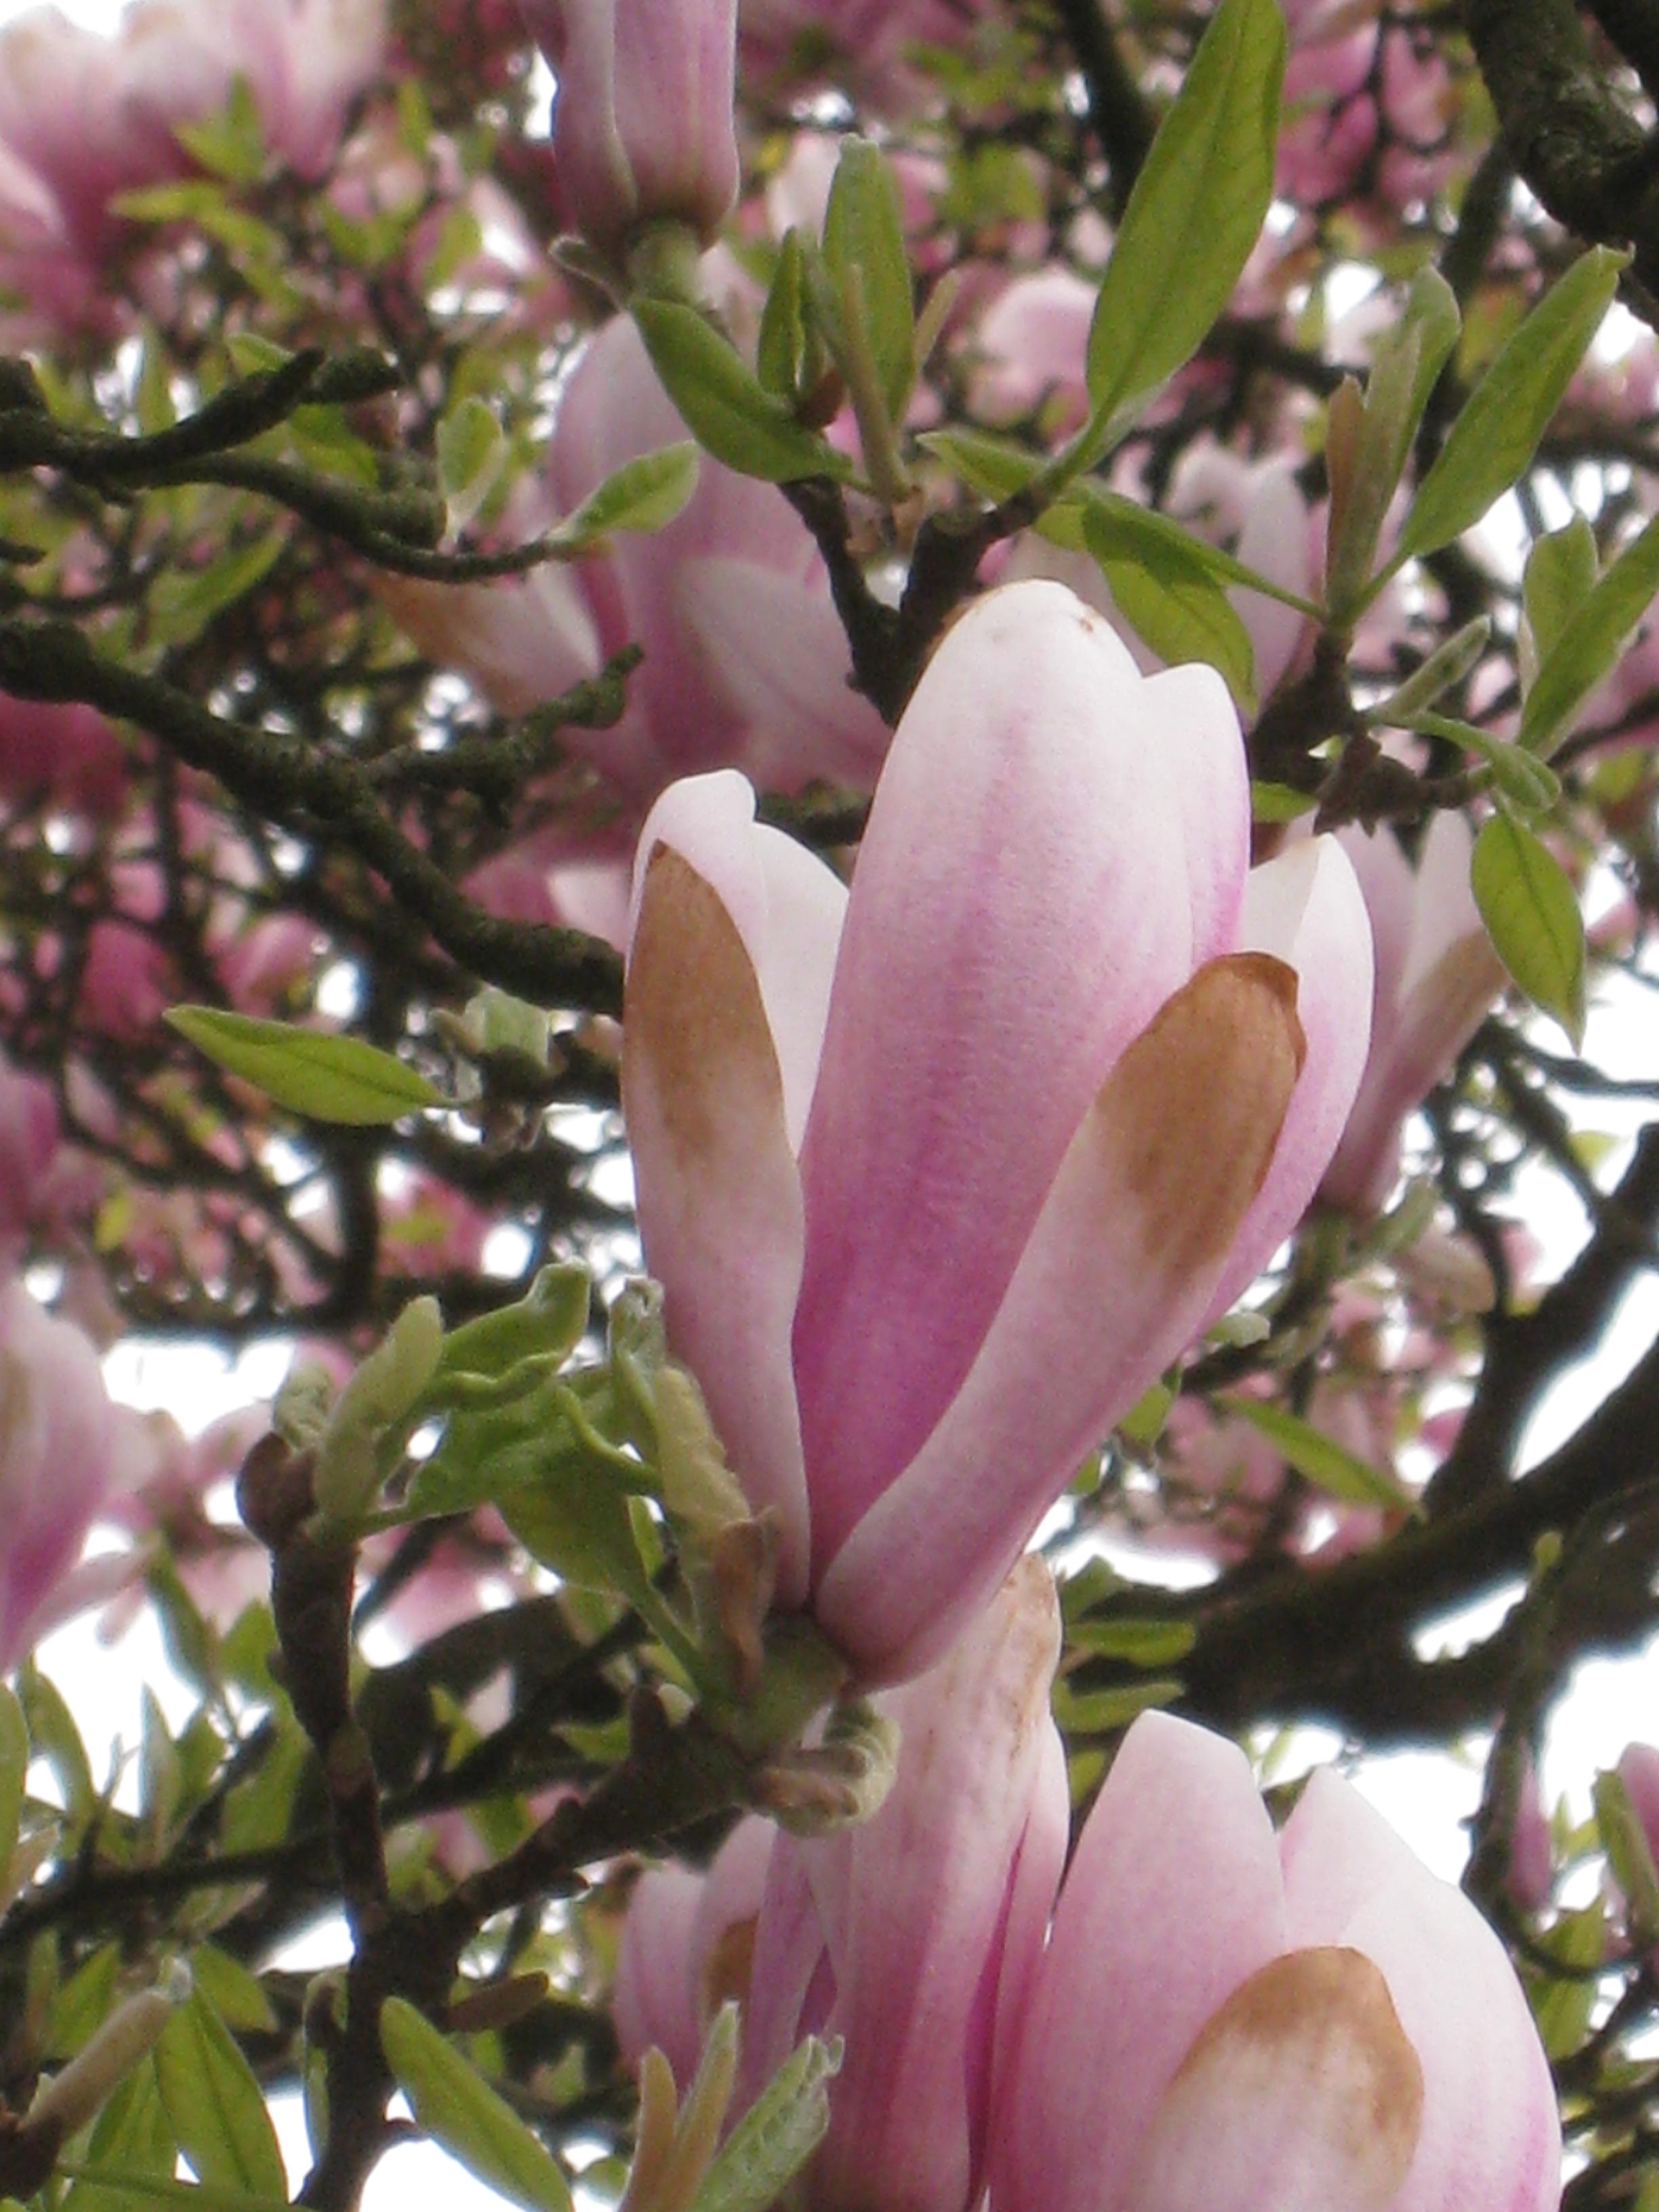 magnolia x soulangeana beverboom inventaris van de opmerkelijke bomen brussels. Black Bedroom Furniture Sets. Home Design Ideas